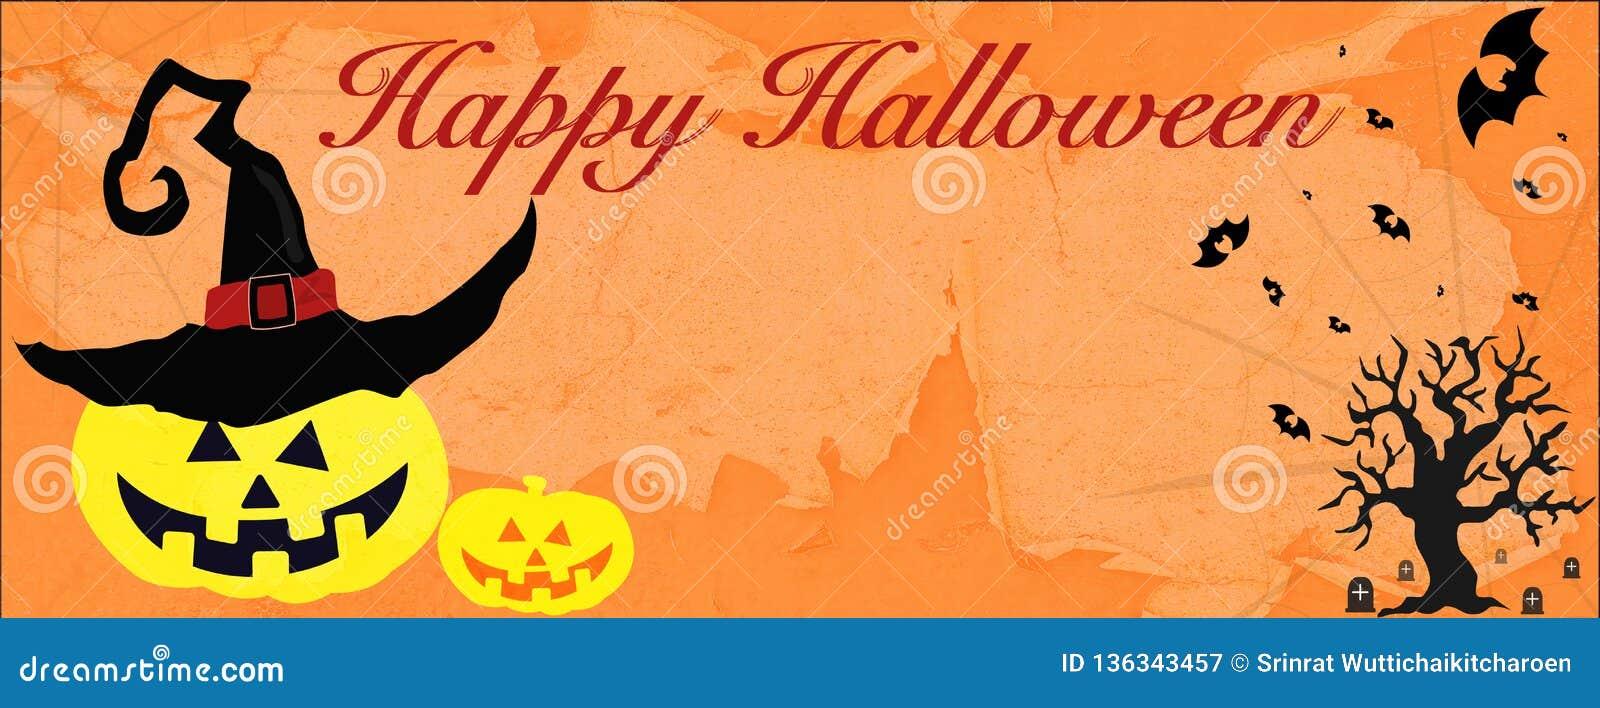 Tarjeta de Halloween con el fantasma y el árbol del gato negro de la web de araña del palo